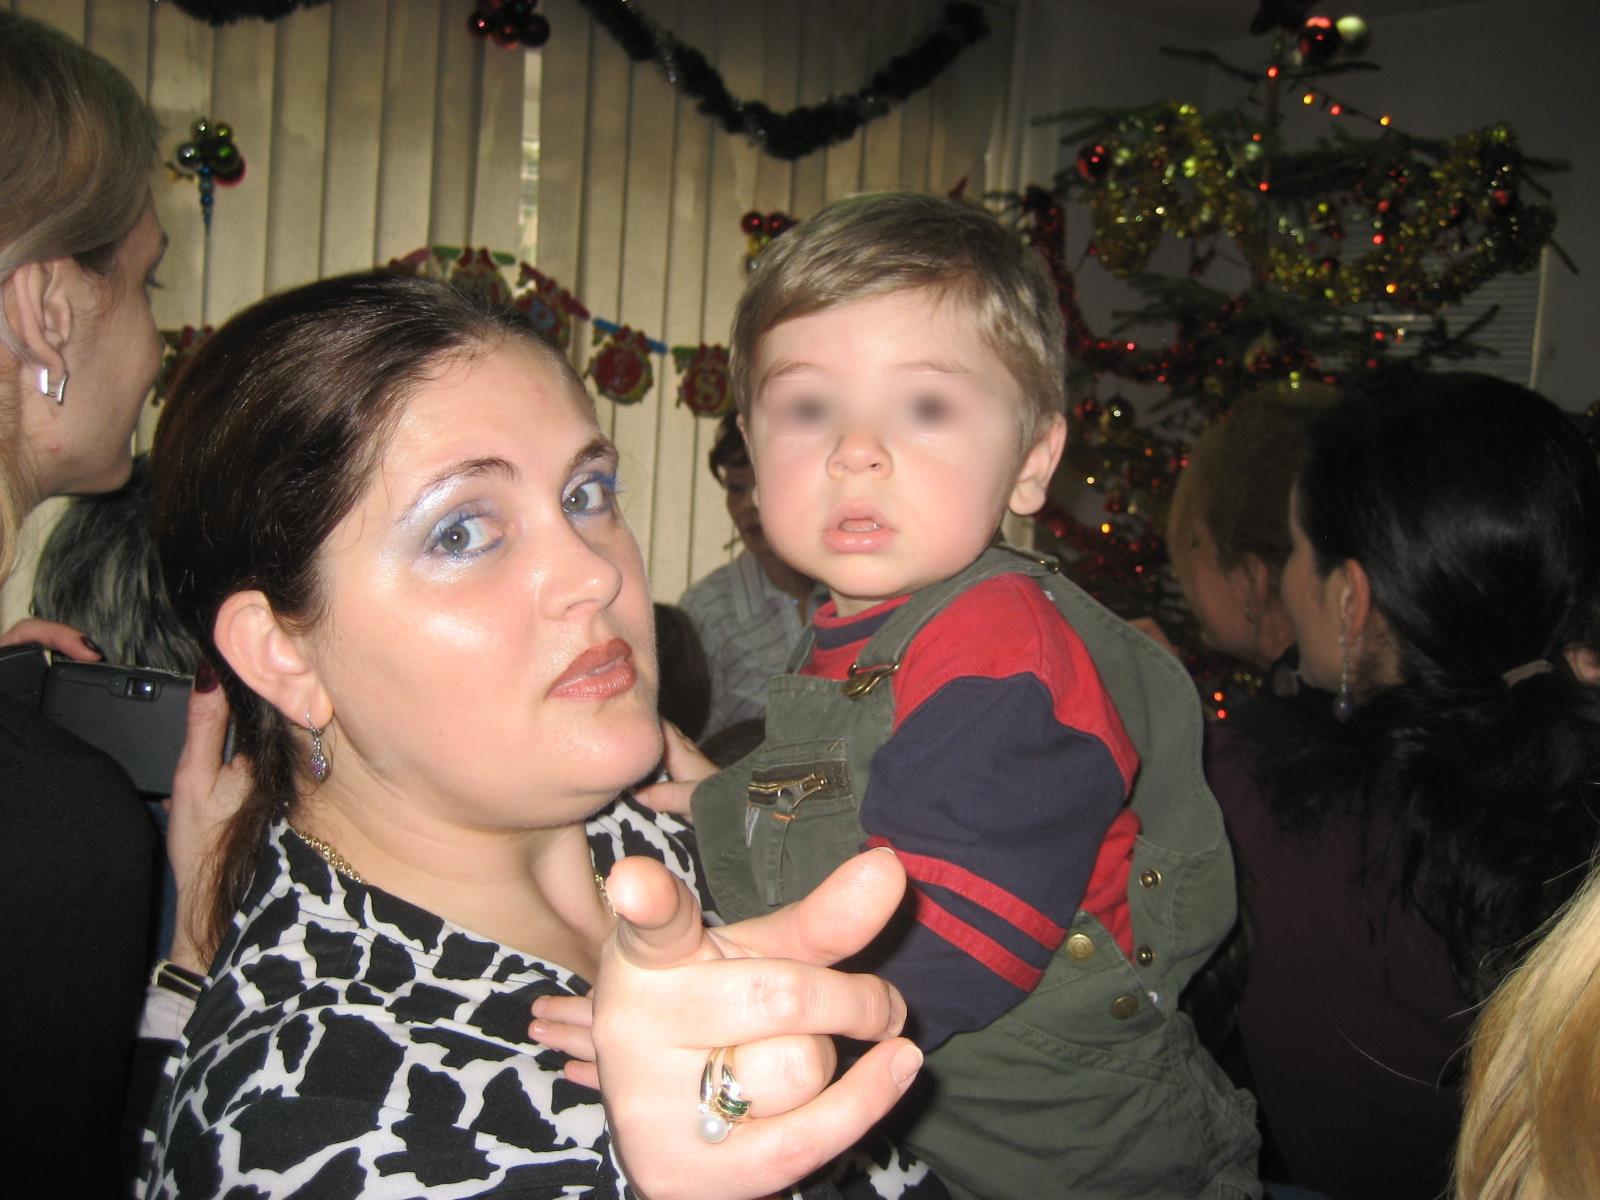 Silvia Lungeanu a reusit sa demonstreze in instanta ca Adrian Paduraru este tatal copilului ei